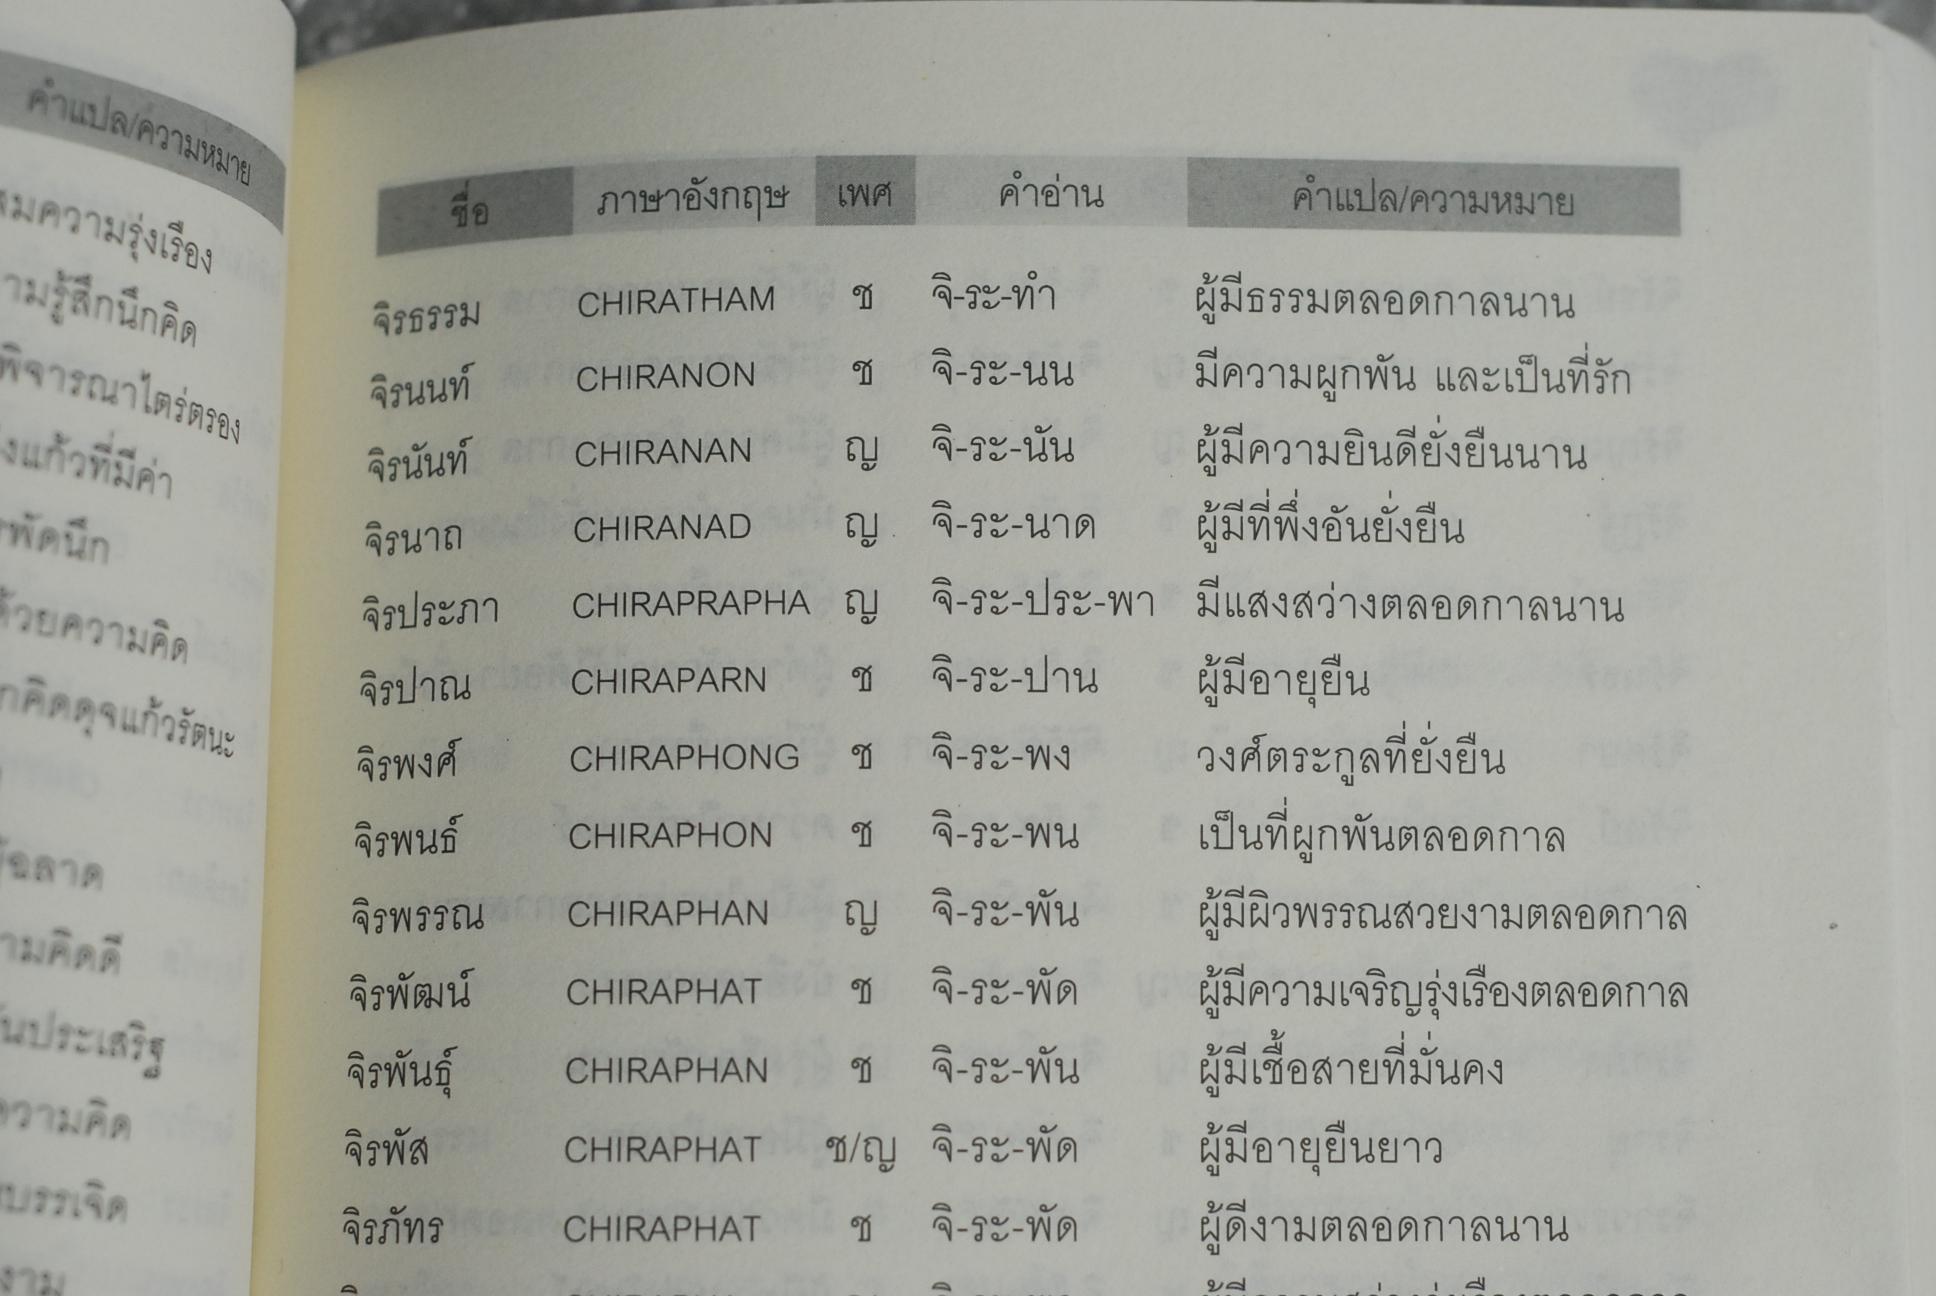 Thai Names - Meanings - Thai language - Thailand Visa